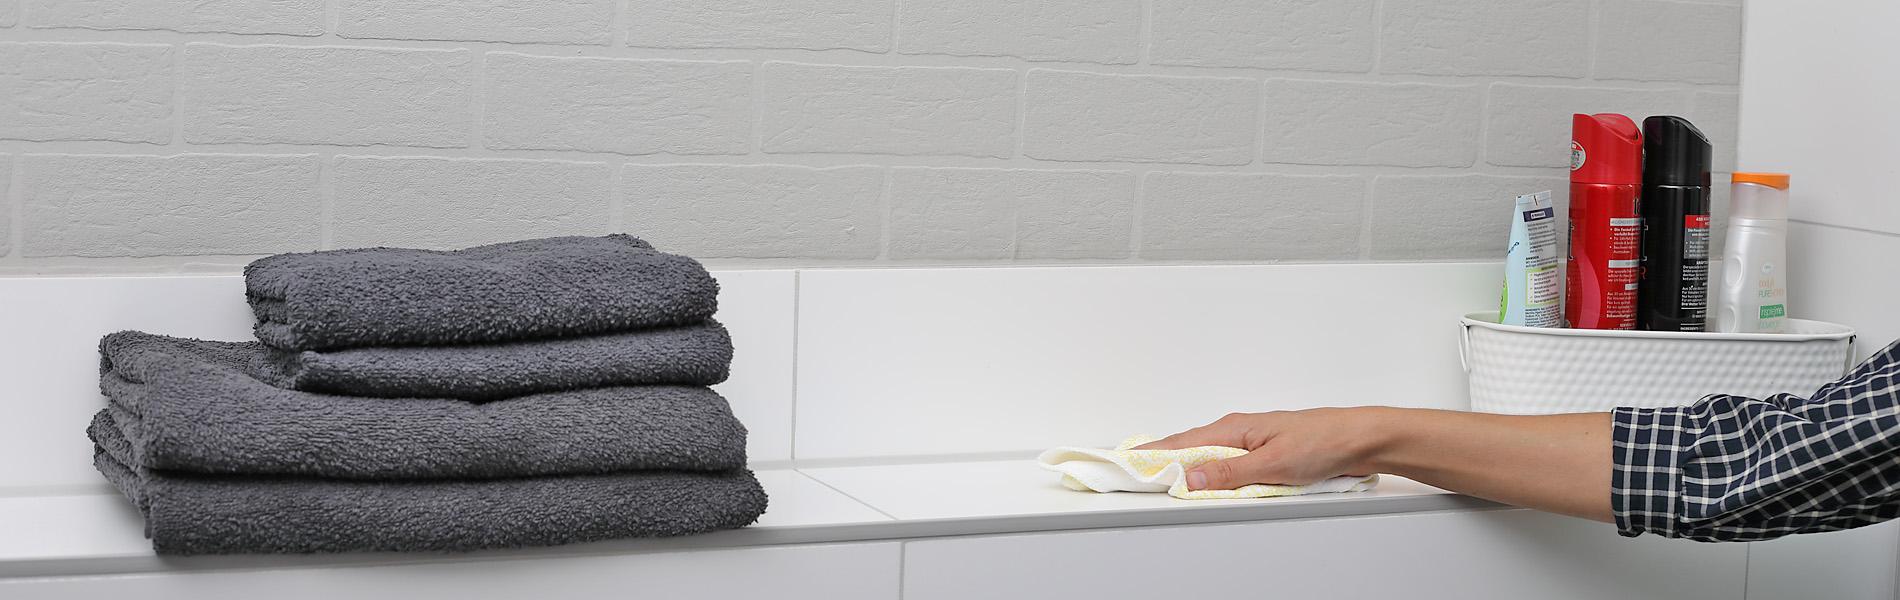 Badreinigung, Hygiene, Sauberkeit und Zuverlässigkeit wird bei Senifix Haushaltshilfe aus Chemnitz großgeschrieben.